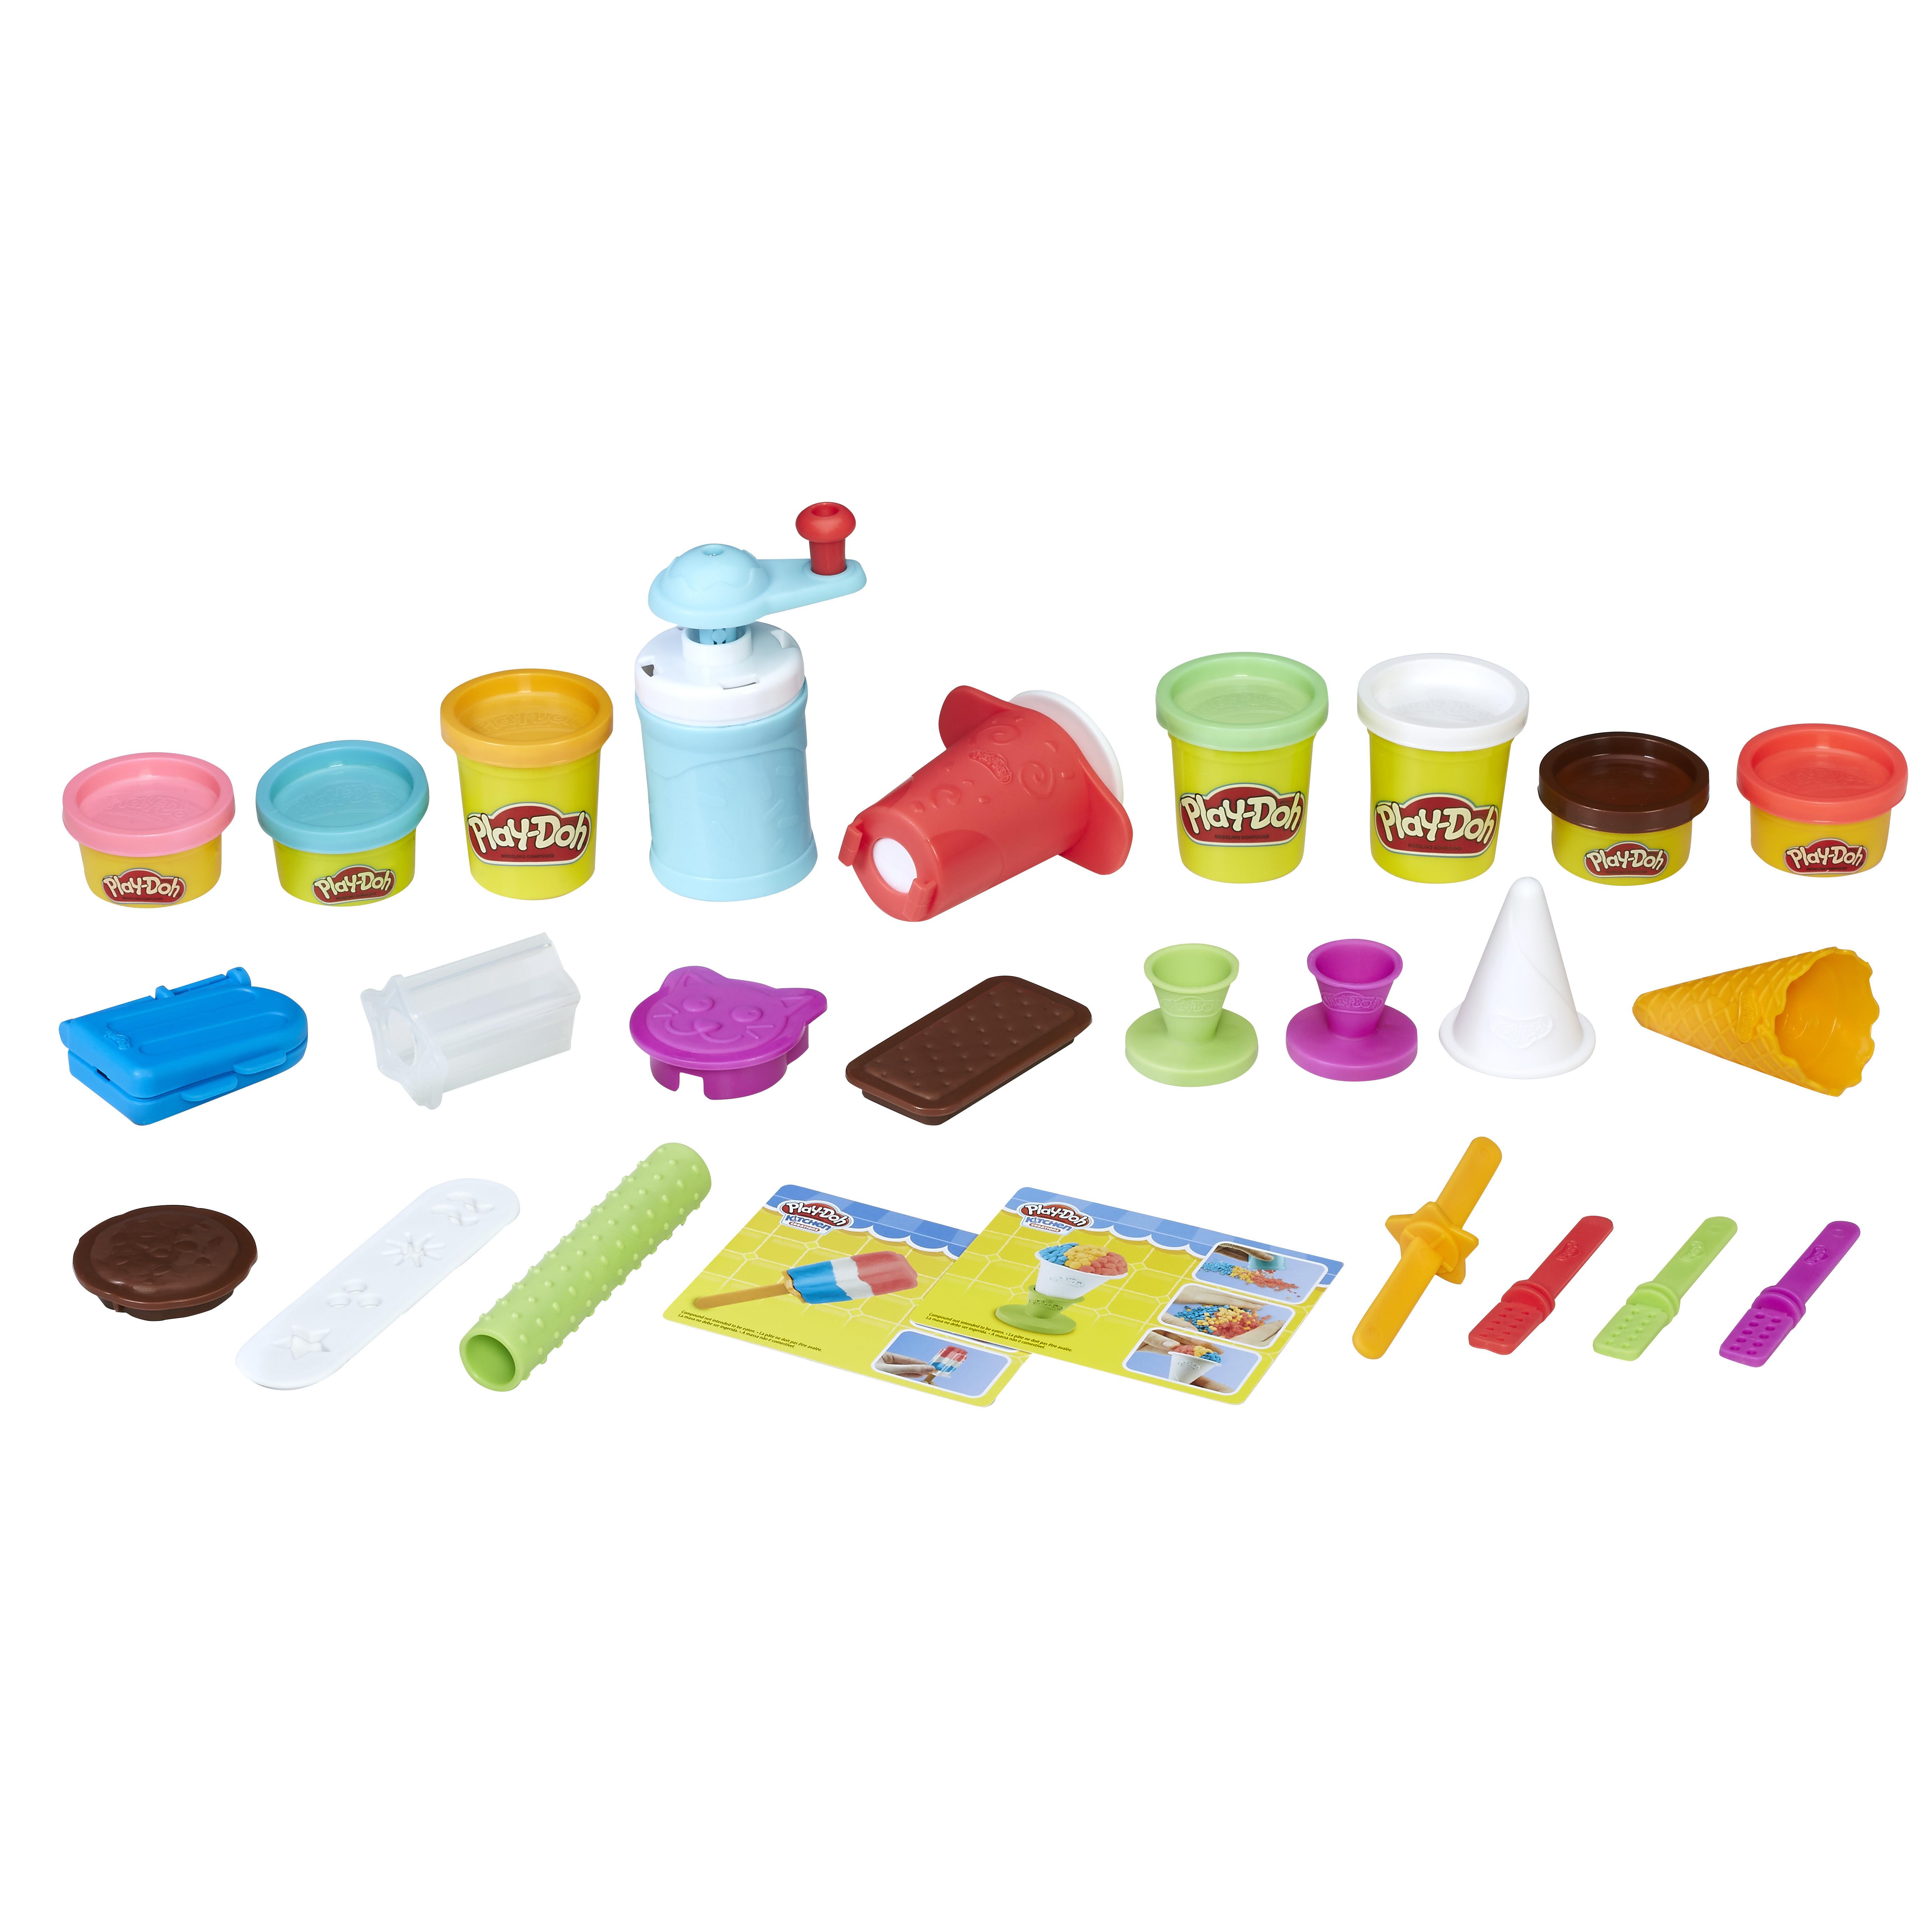 Пластилин и масса для лепки Play-Doh Создай любимое мороженое hasbro play doh e0042 игровой набор создай любимое мороженое